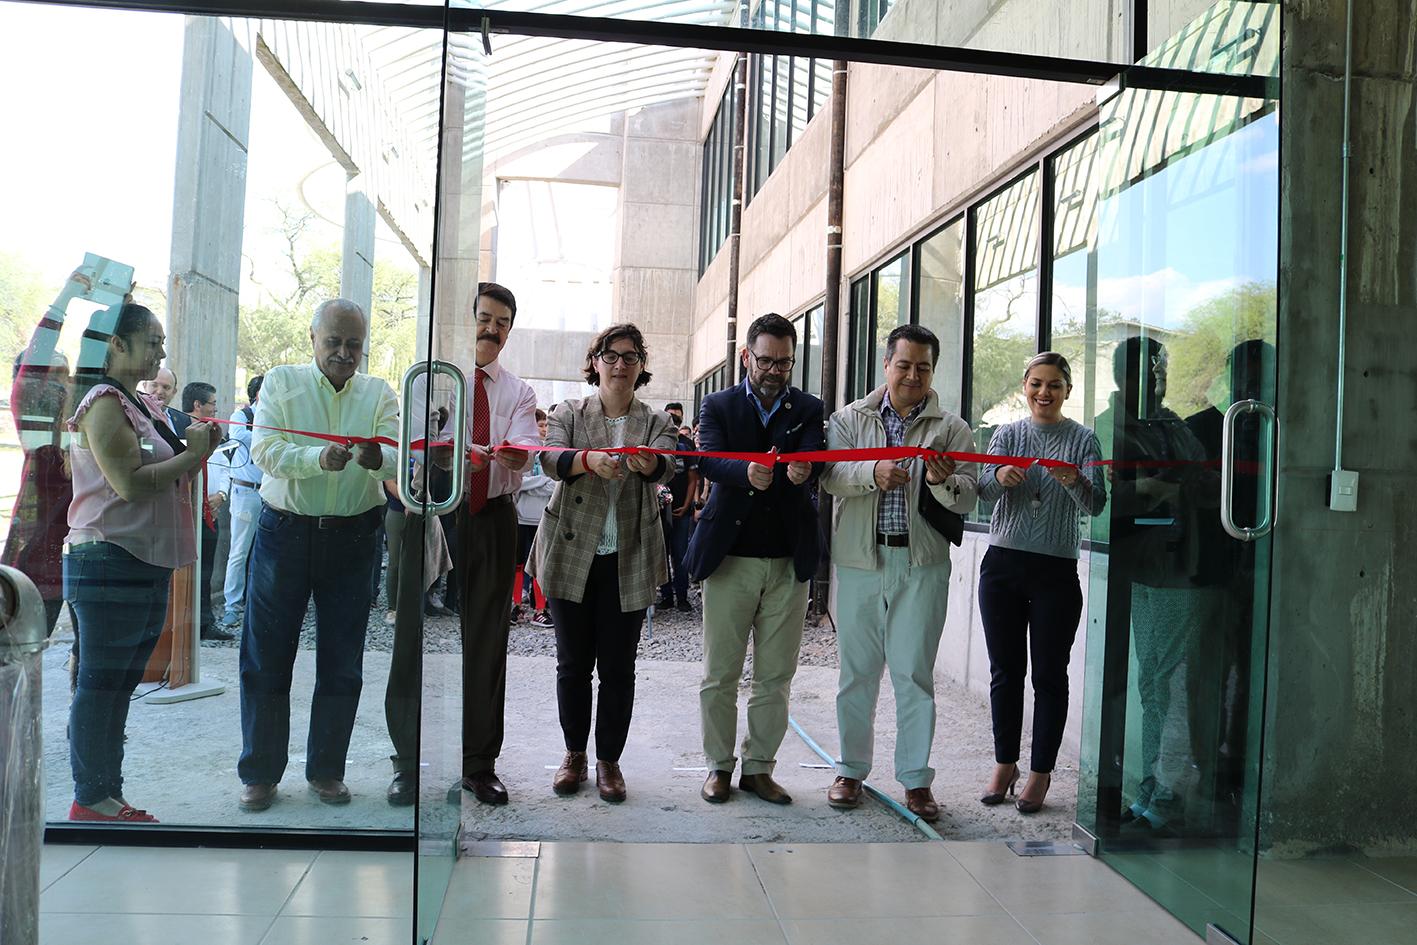 Las autoridades cortaron el listón, con lo cual quedaron formalmente inaugurados los laboratorios